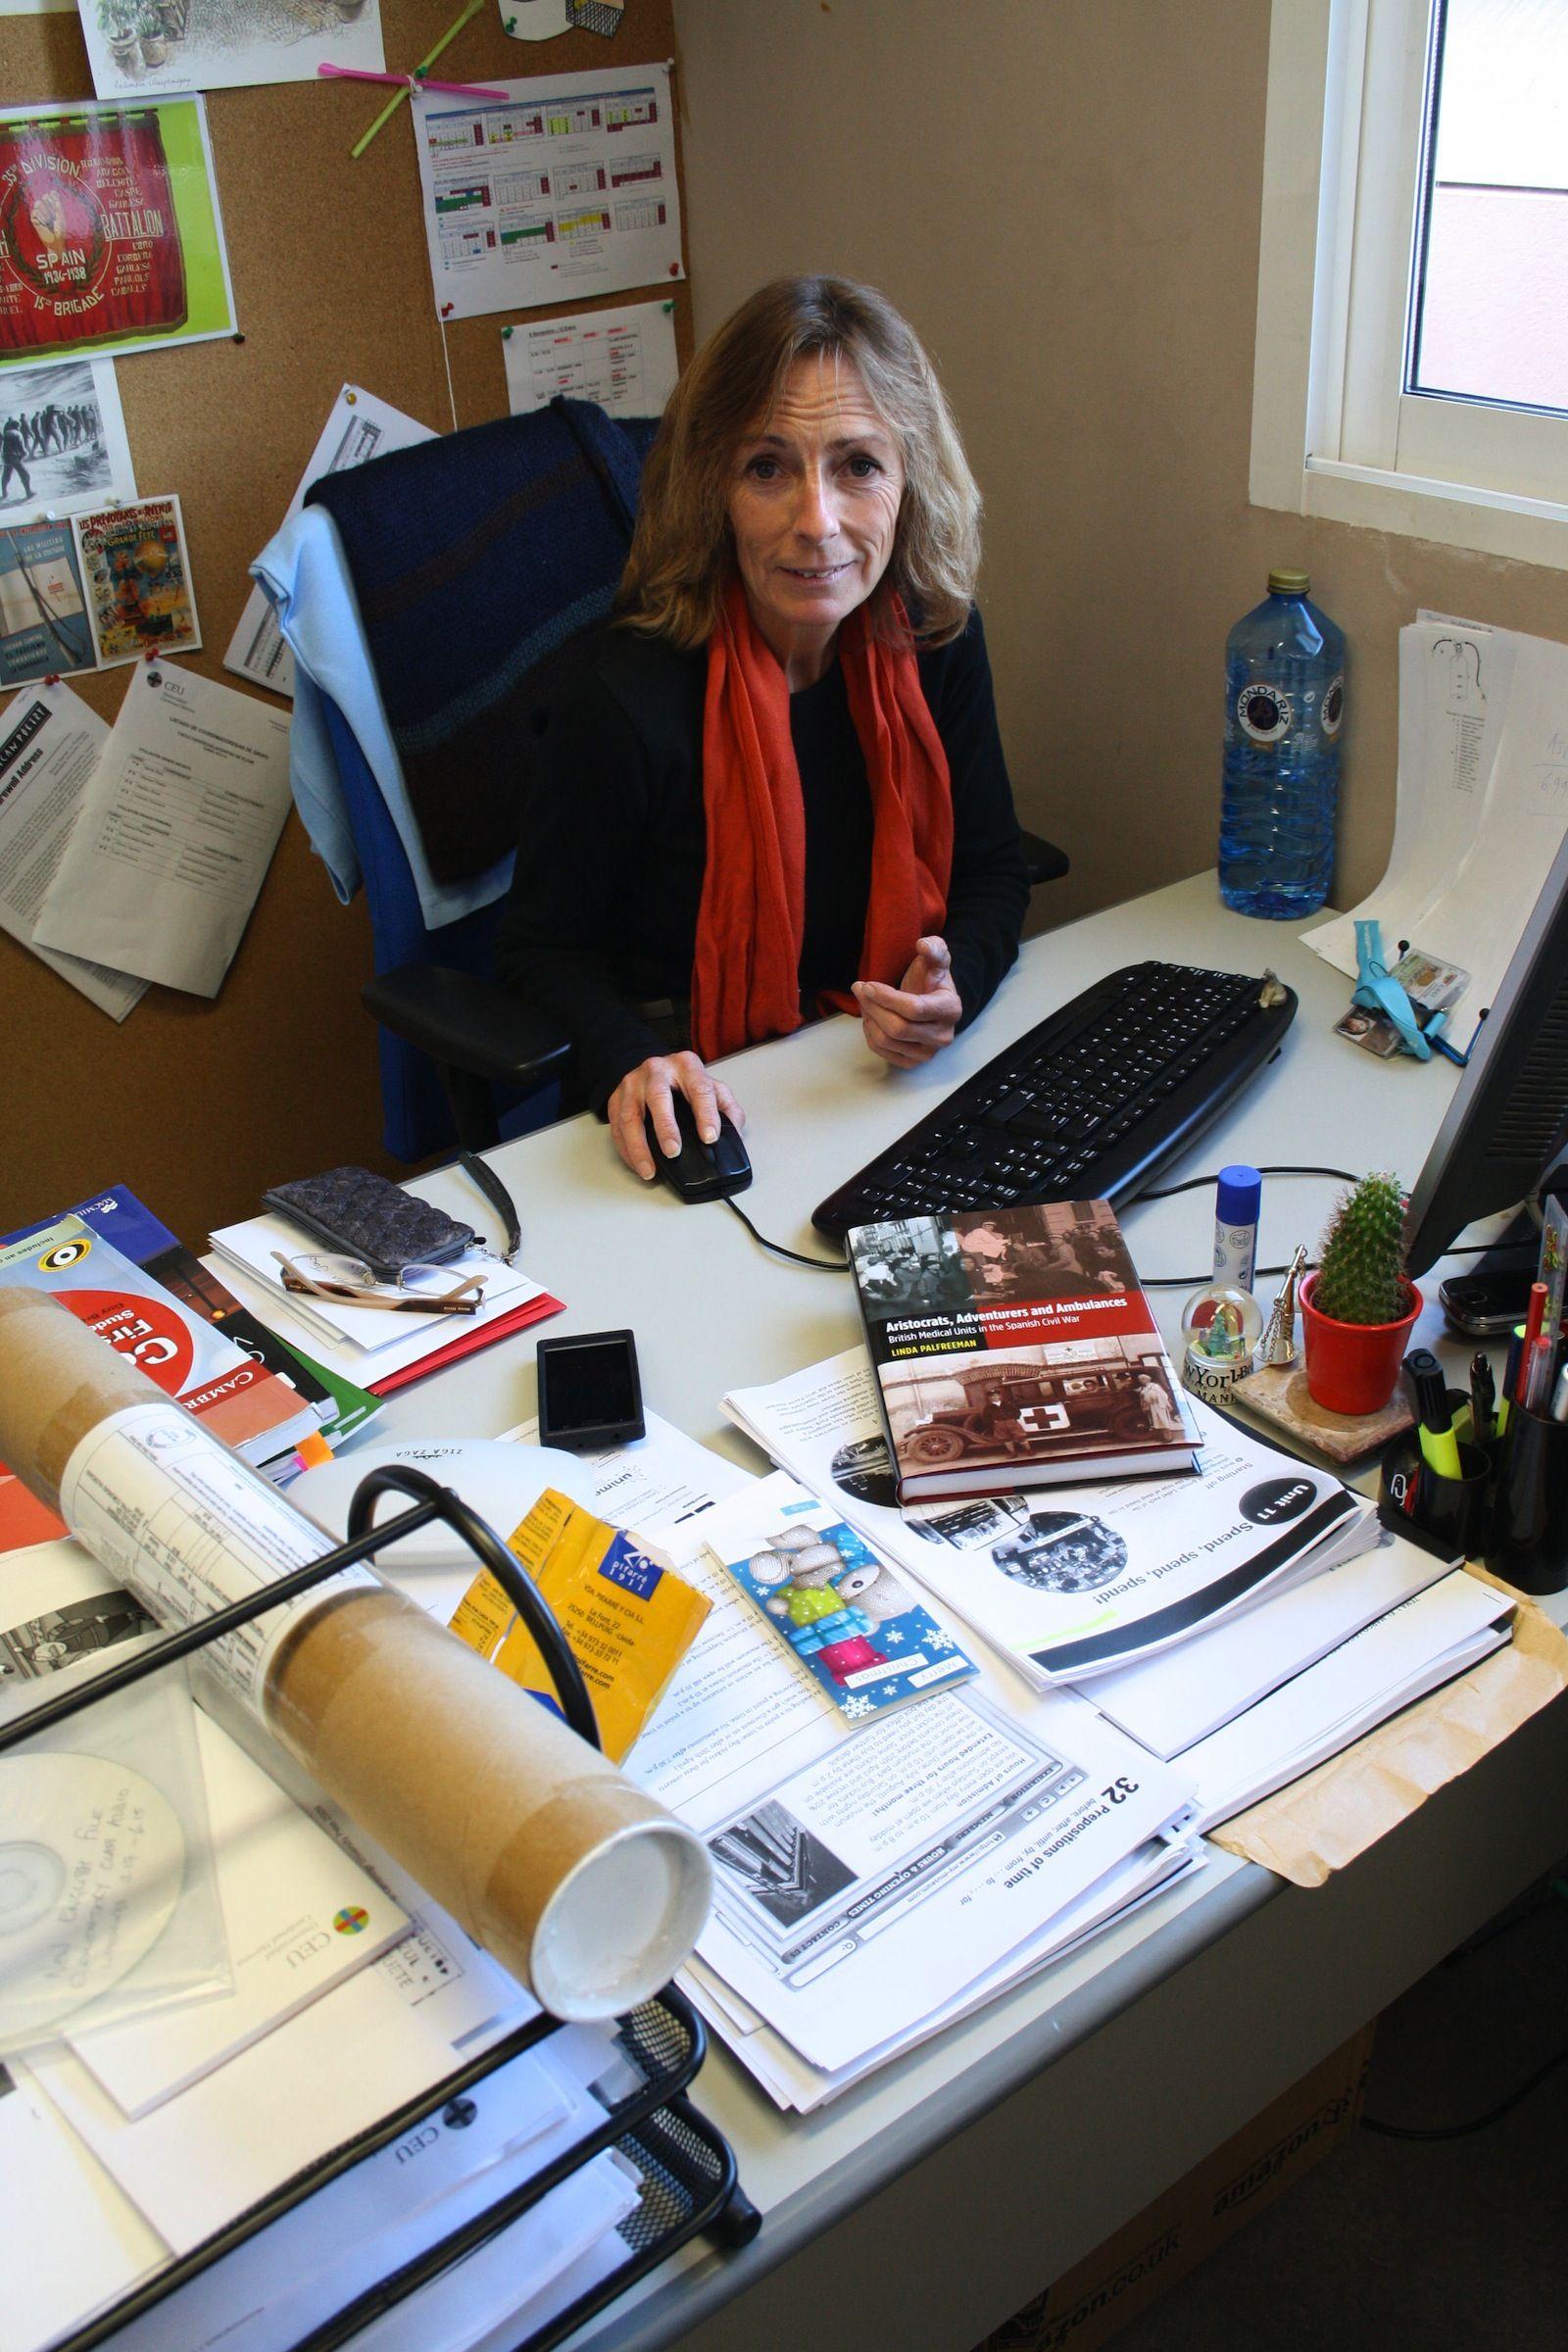 Linda Palfreeman, profesora del Departamento de Humanidades de la CEU-UCH, autora del libro.